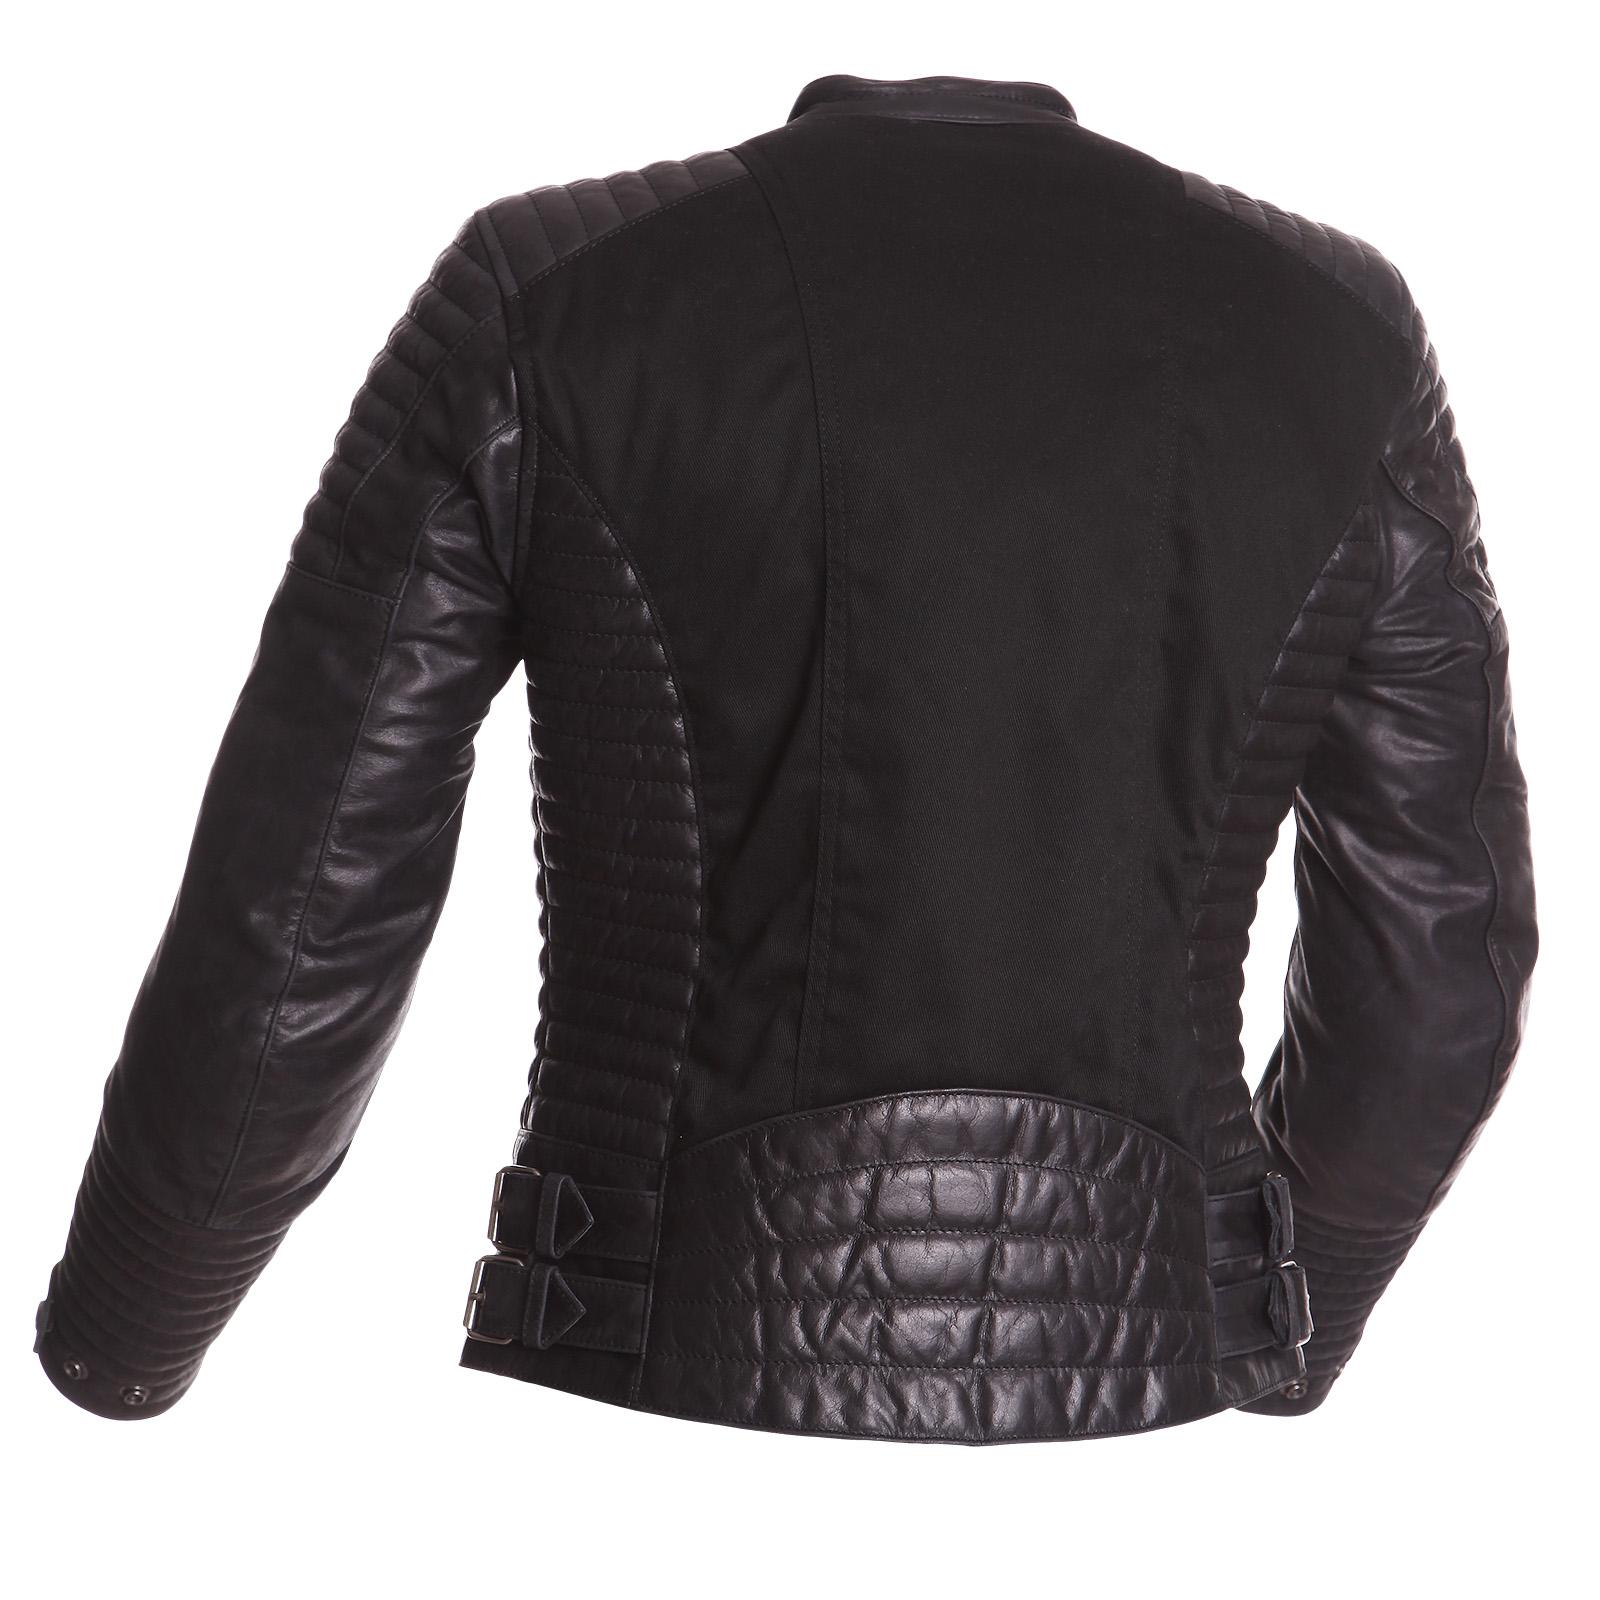 Lady Rosita - BCB190 - Női bőrdzseki - Bering motoros ruházat - Fokt ... ea644b3e57